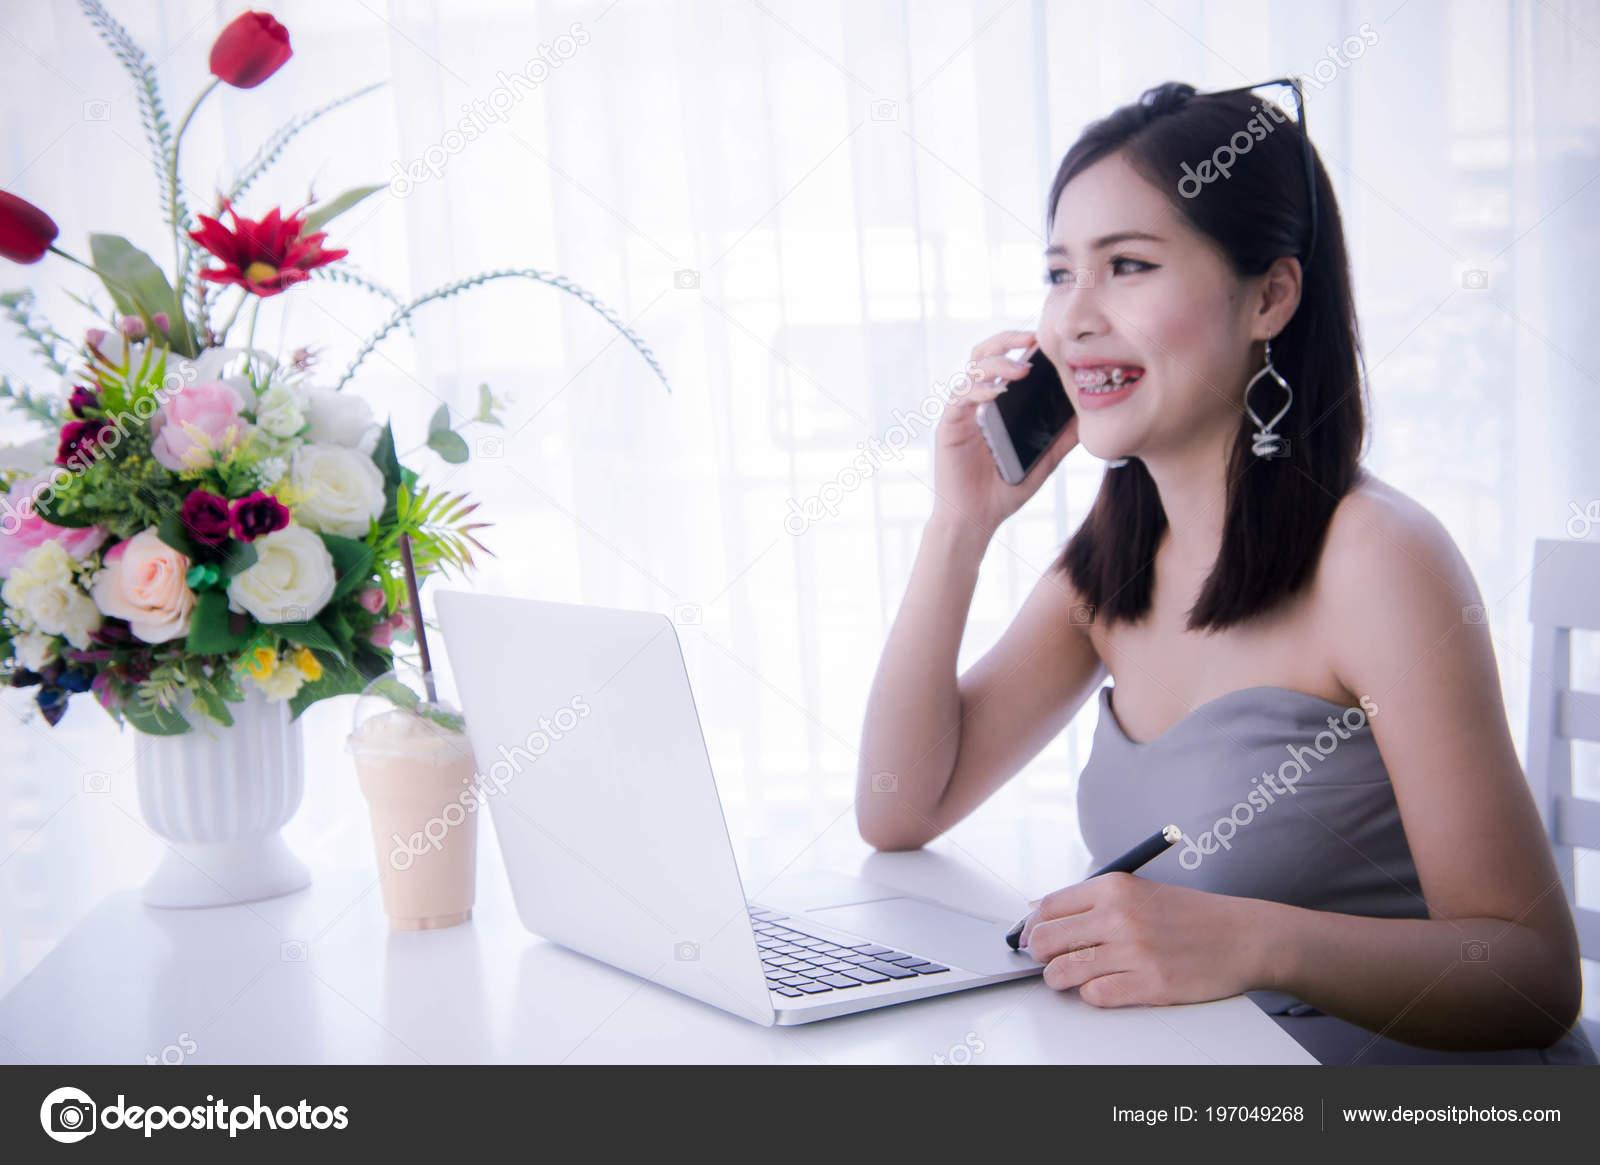 Девушки для онлайн работы постройка канала форекс